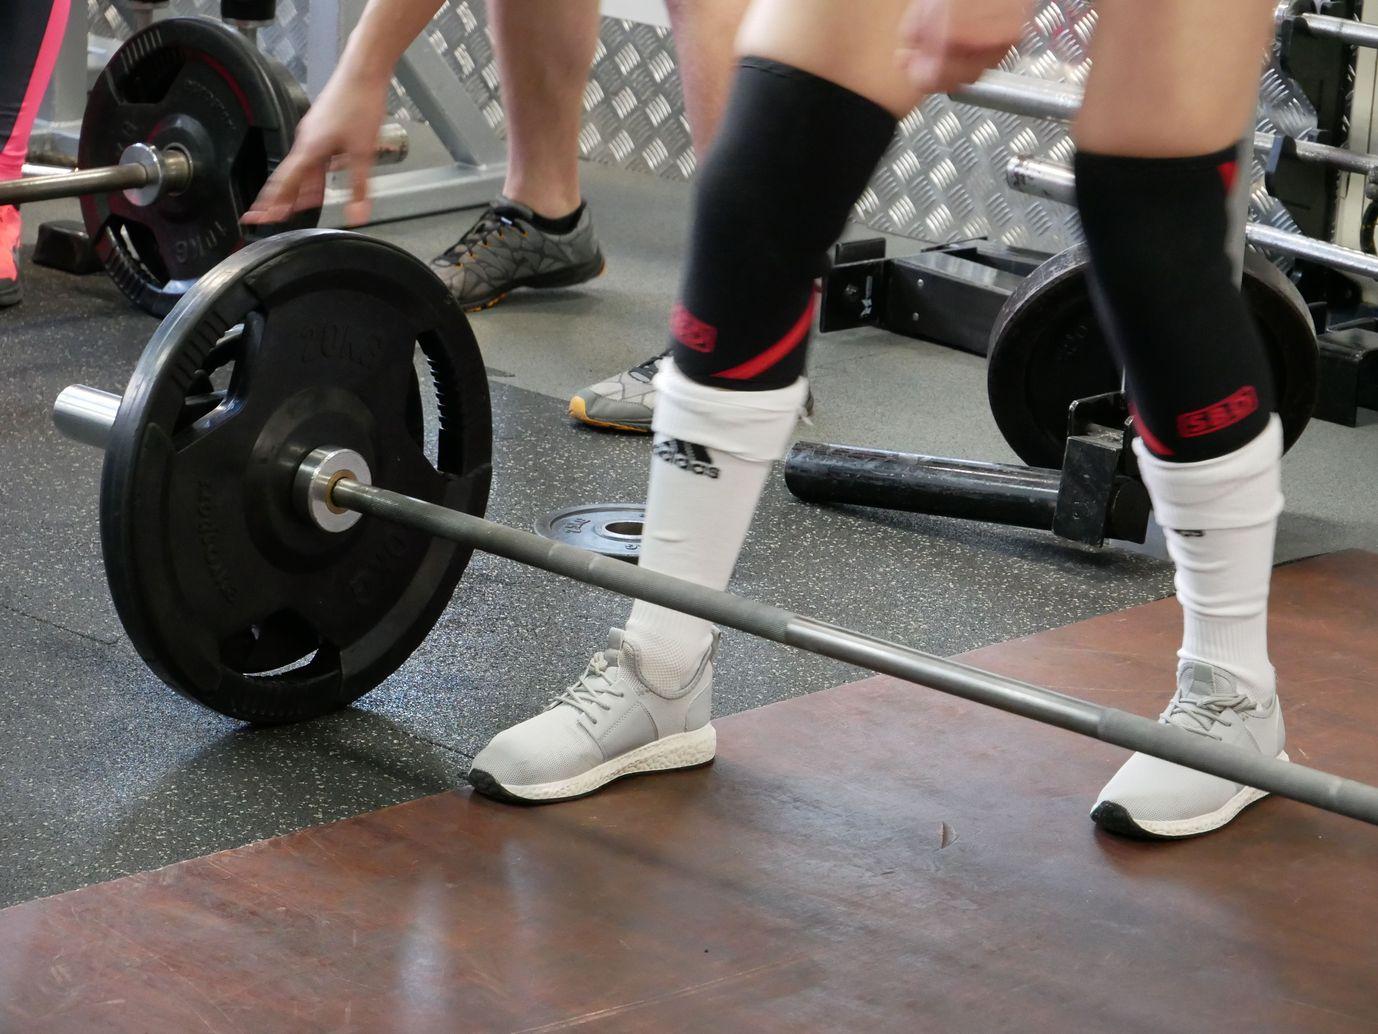 Zawody Martwy Ciąg Pleszew Fitness Klub Active Fit ul. Traugutta 30 siłownia trening personalny 7